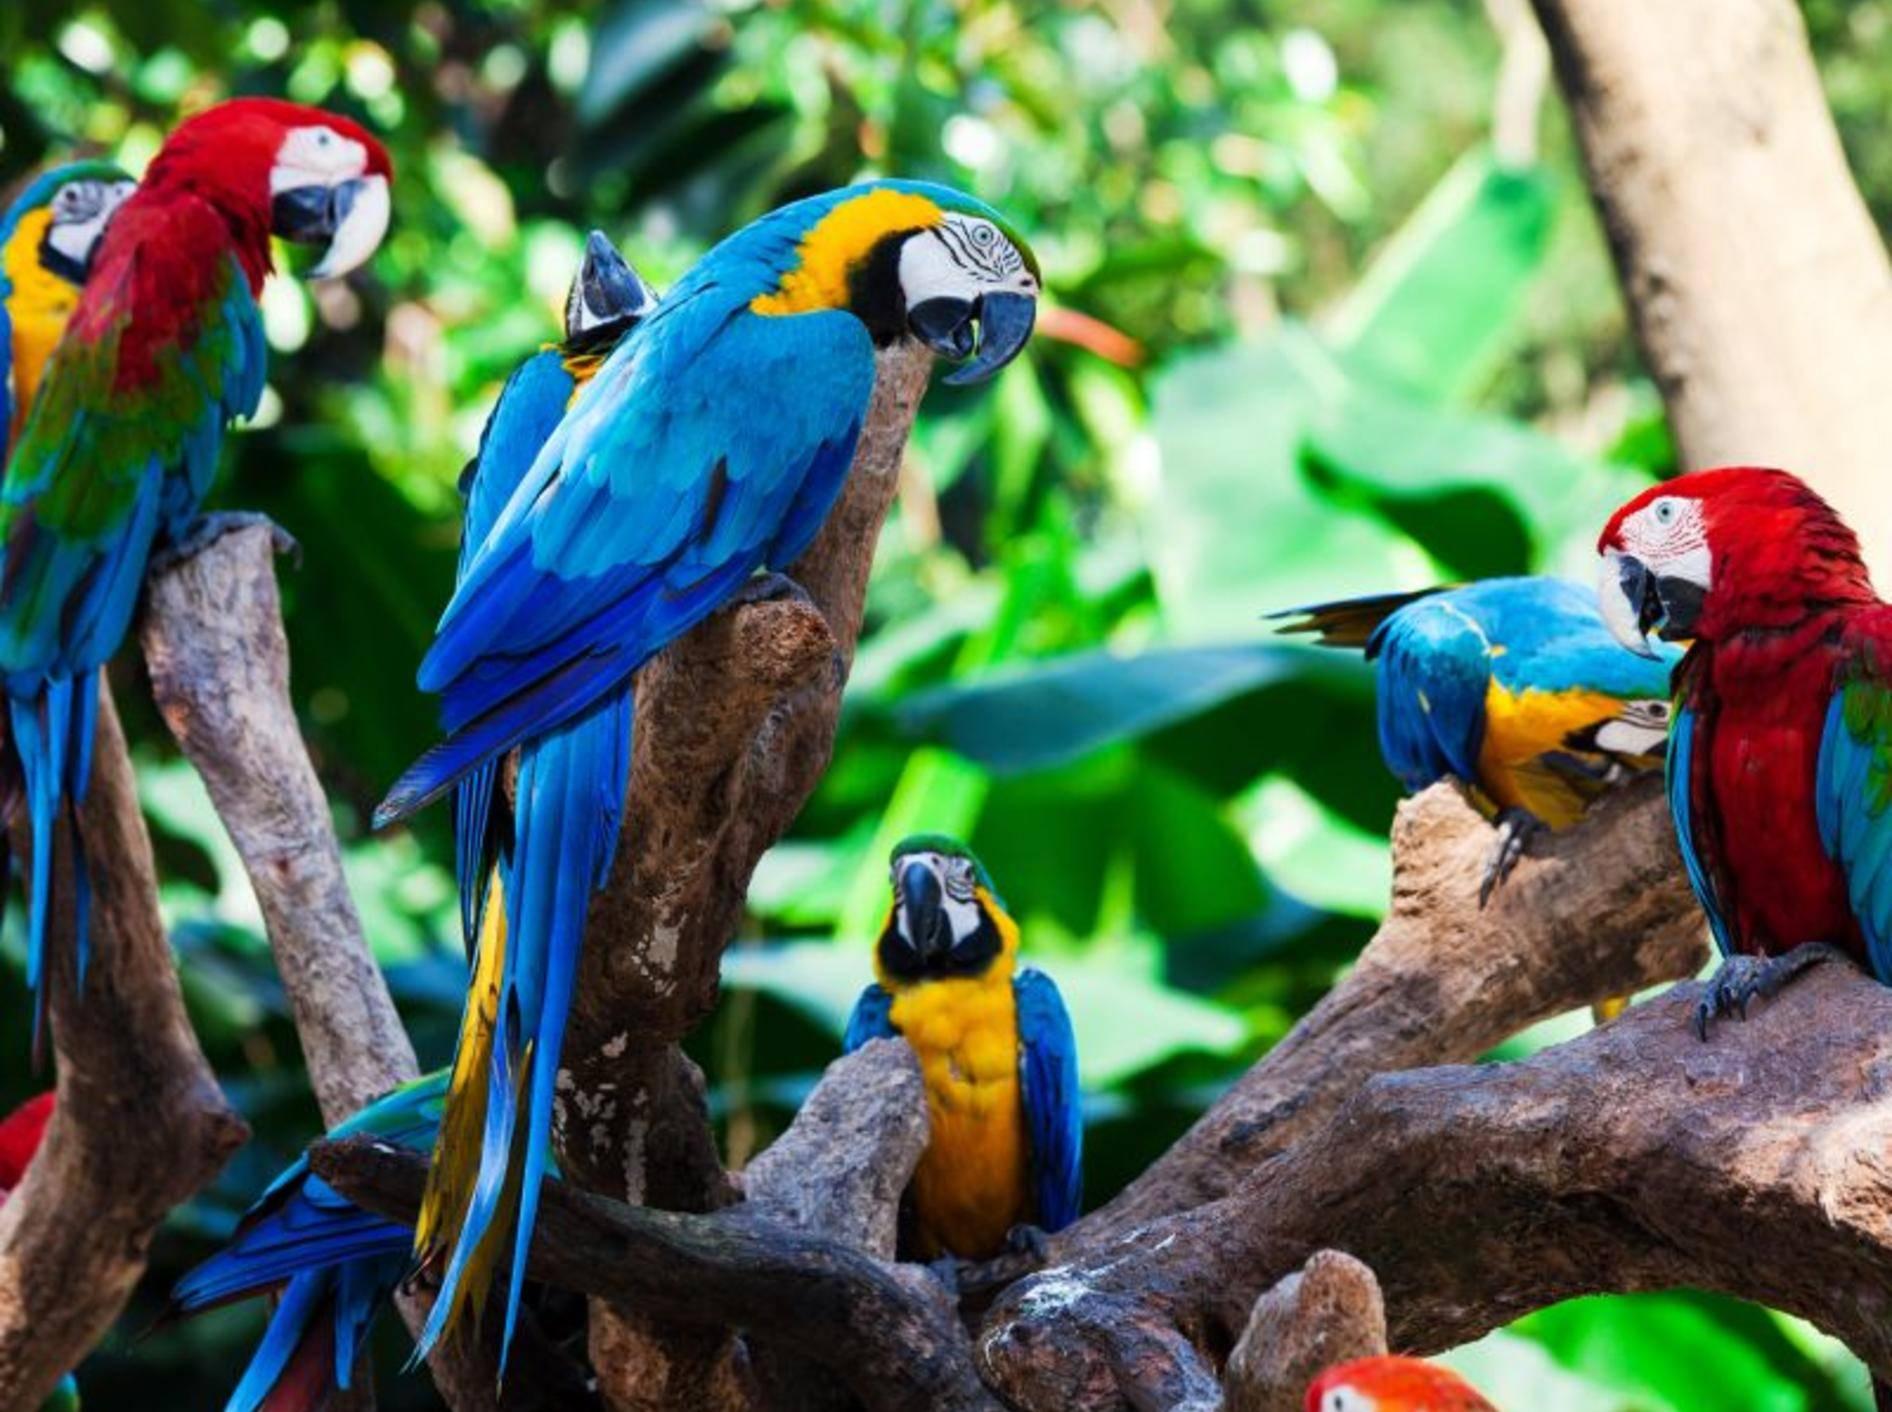 Papageien haben die Fähigkeit, Laute nachzuahmen